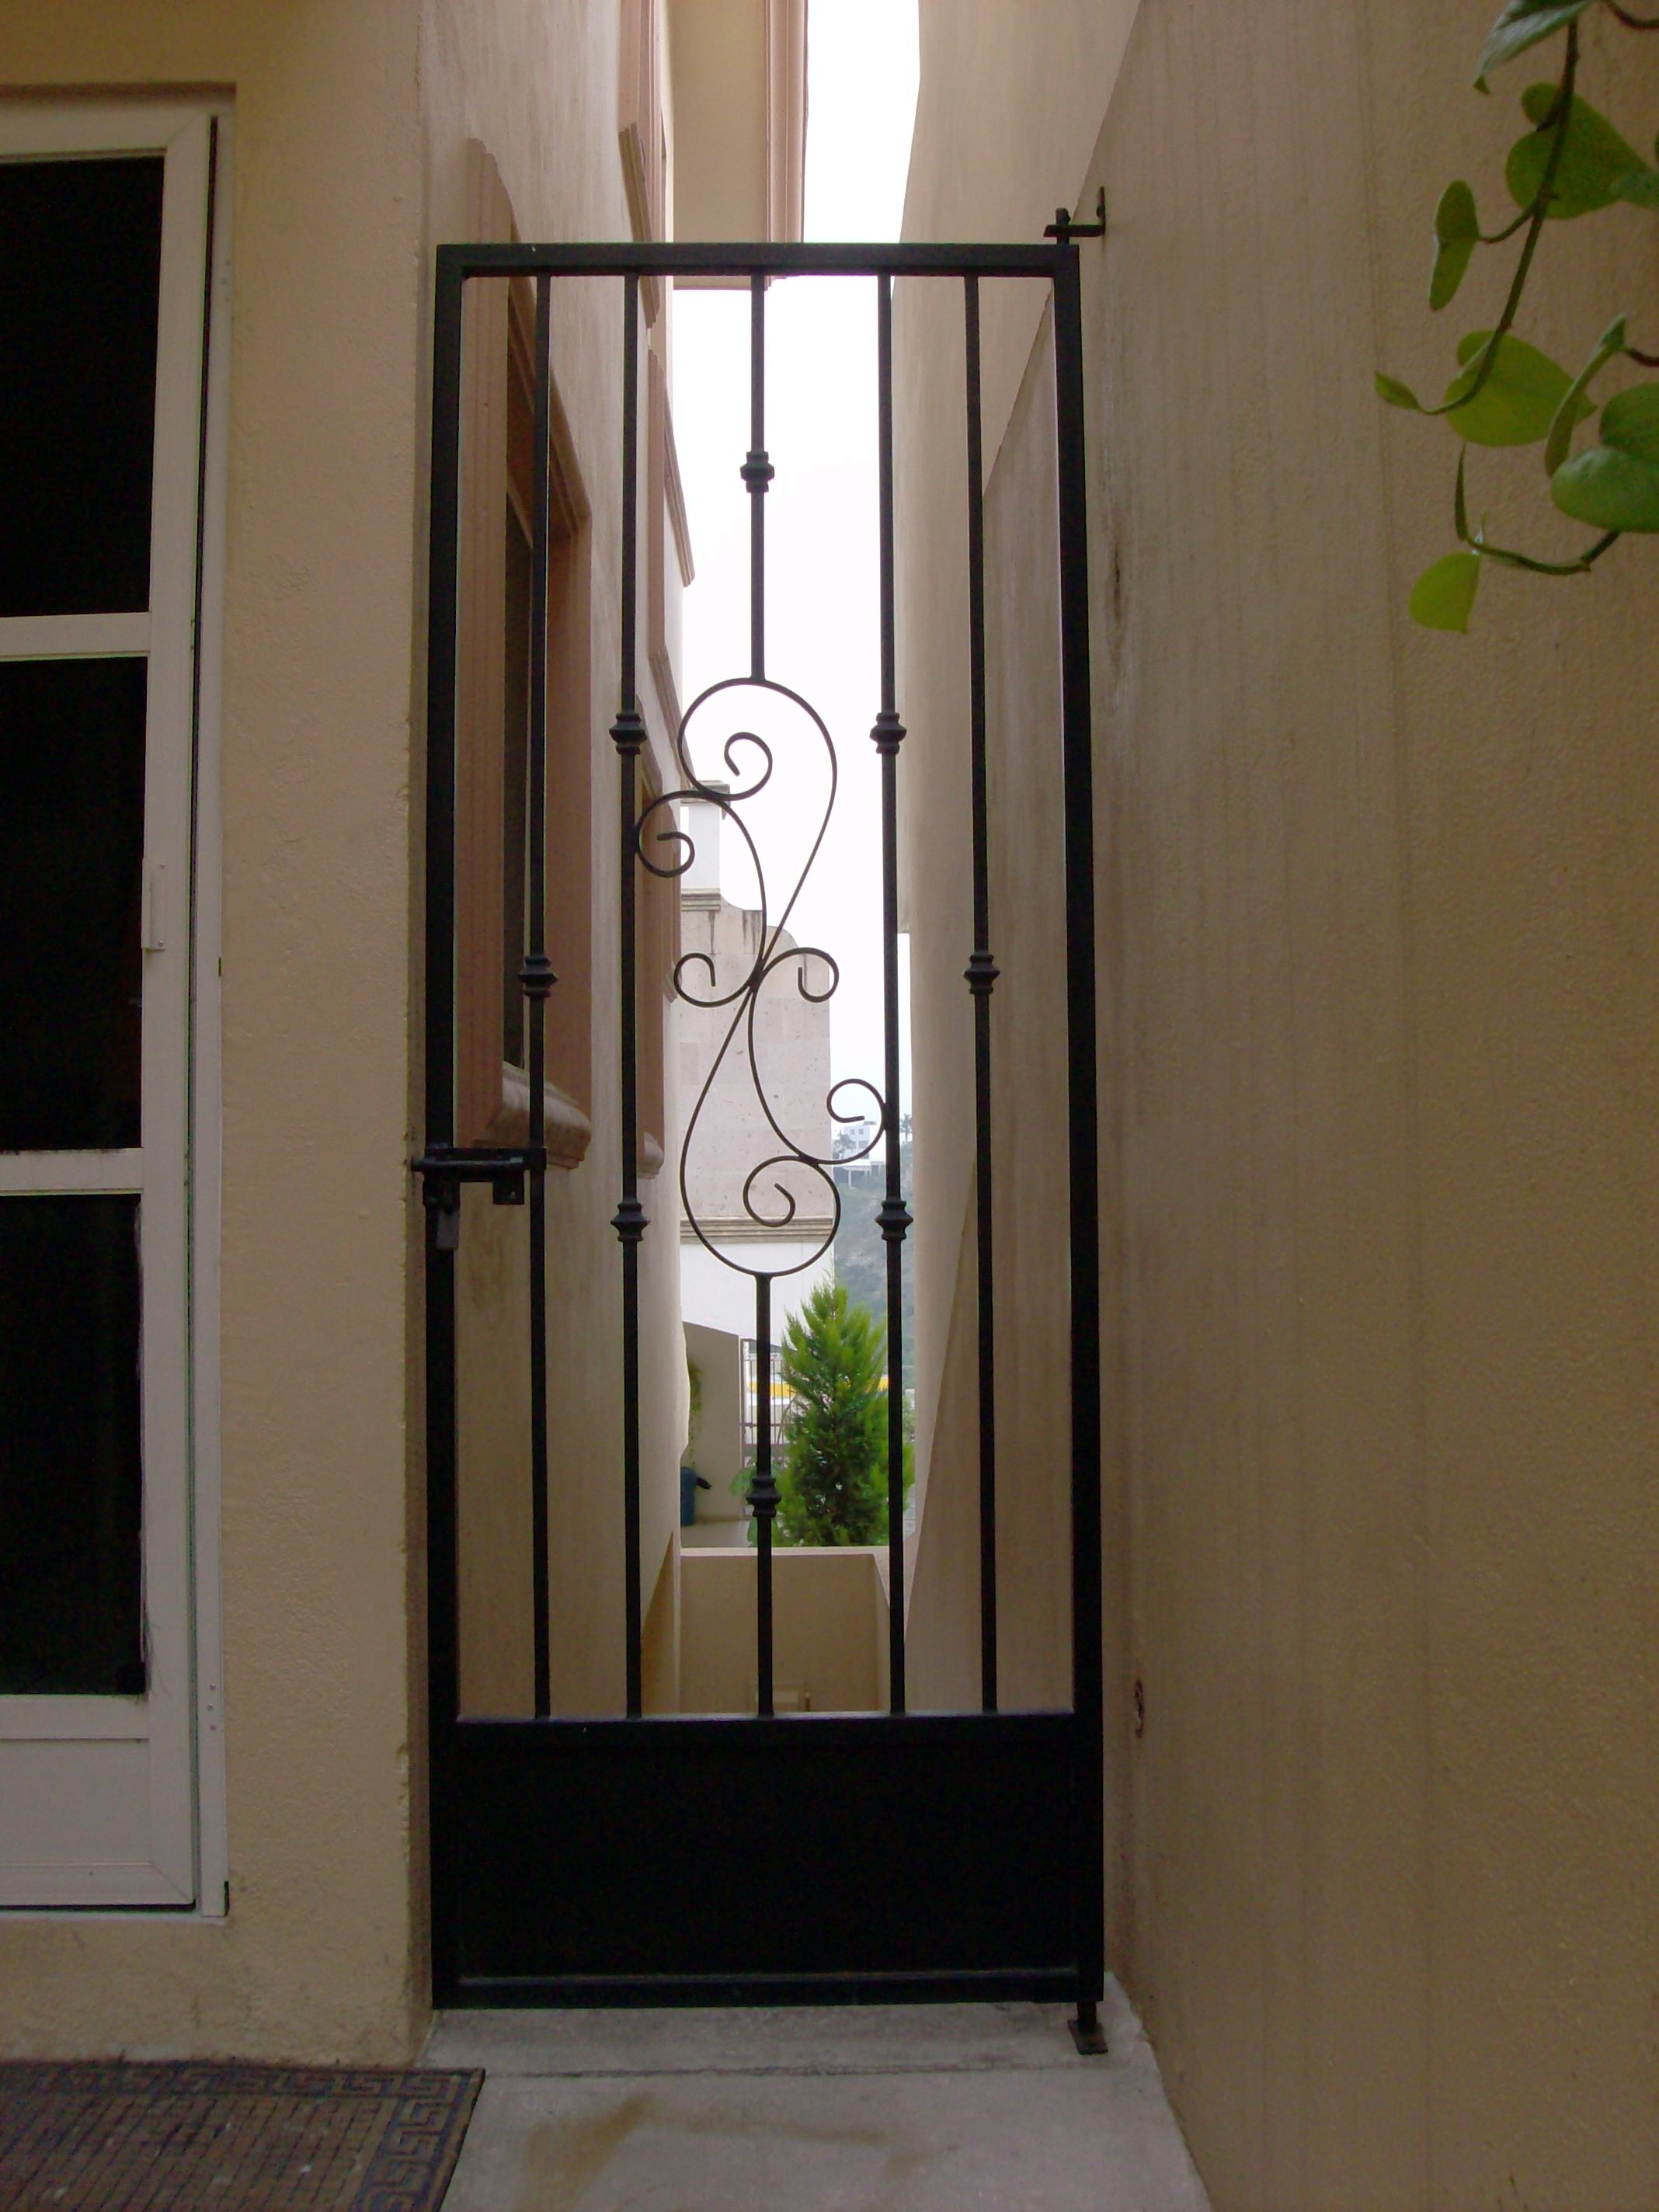 Puertas de hierro forjado para jardin beautiful - Puertas de hierro para jardin ...